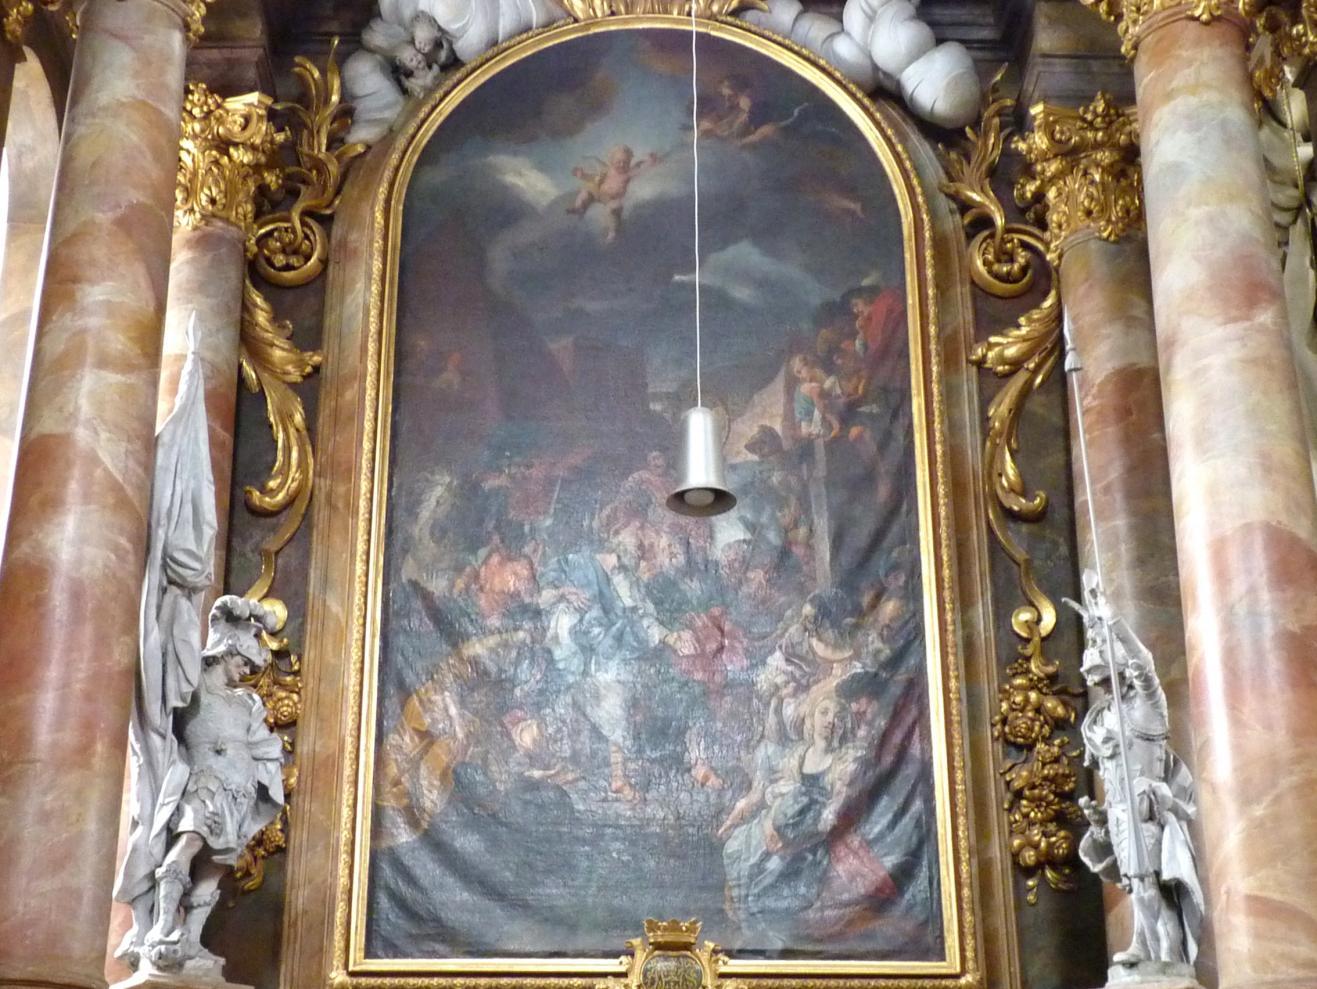 Cosmas Damian Asam: Altarblatt Abschied der Apostel Petrus und Pauls im nördlichen Querschiff, 1721 - 1723